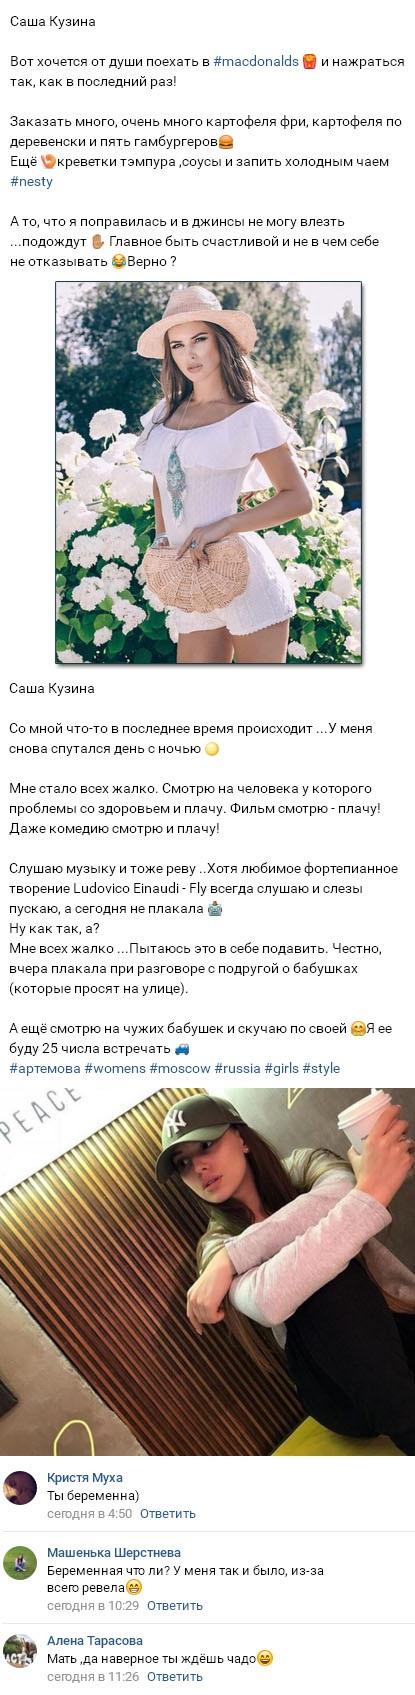 Александра Артёмова больше не может скрывать свою беременность